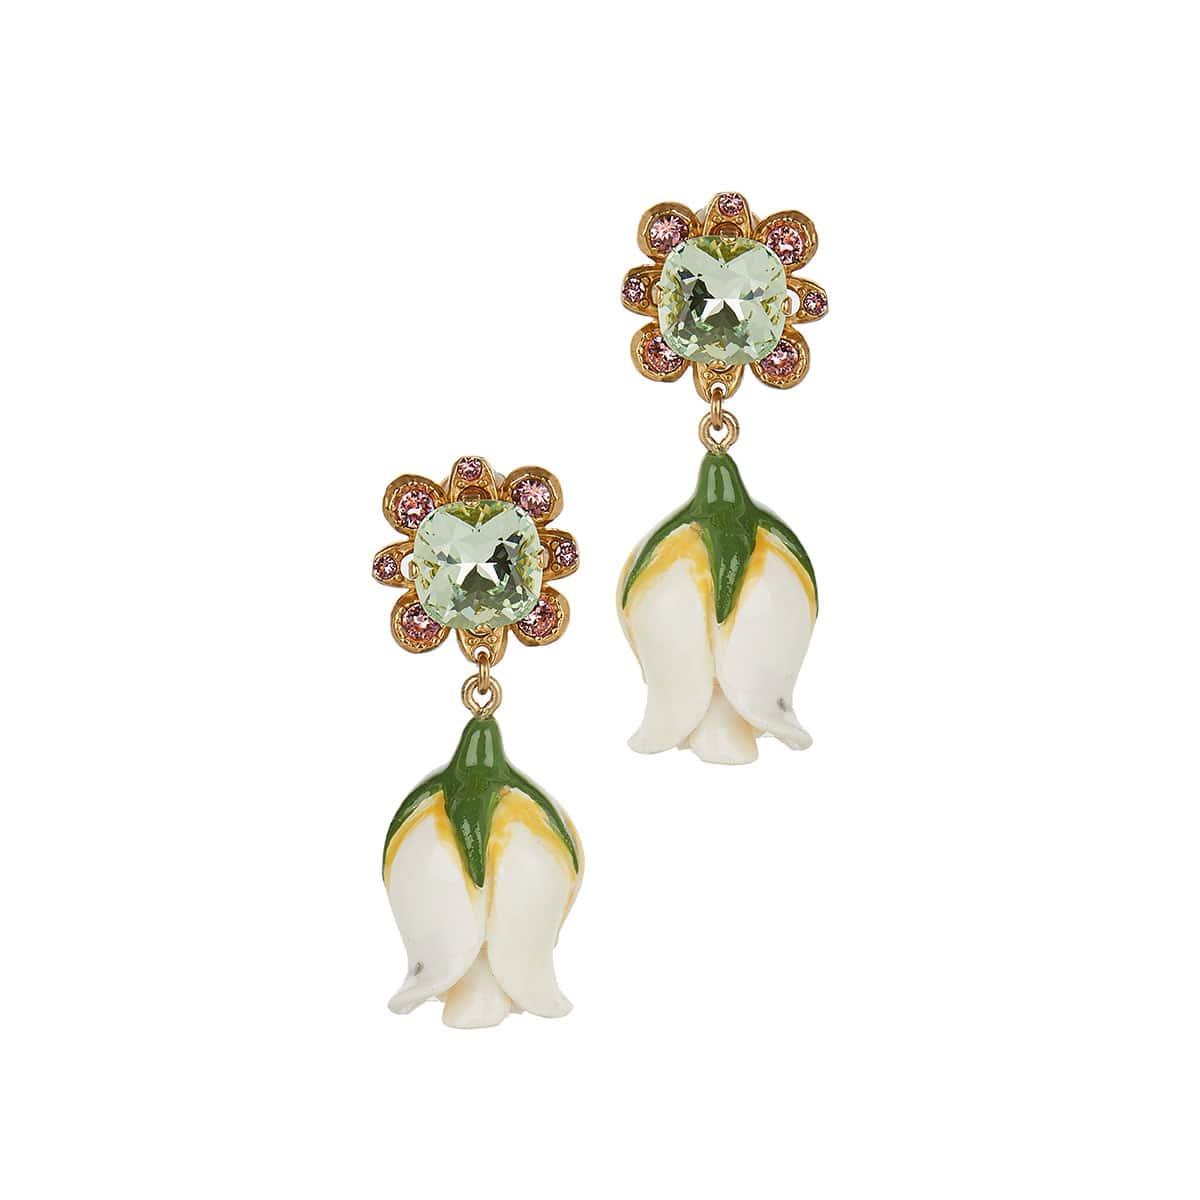 Crystal and resin drop earrings